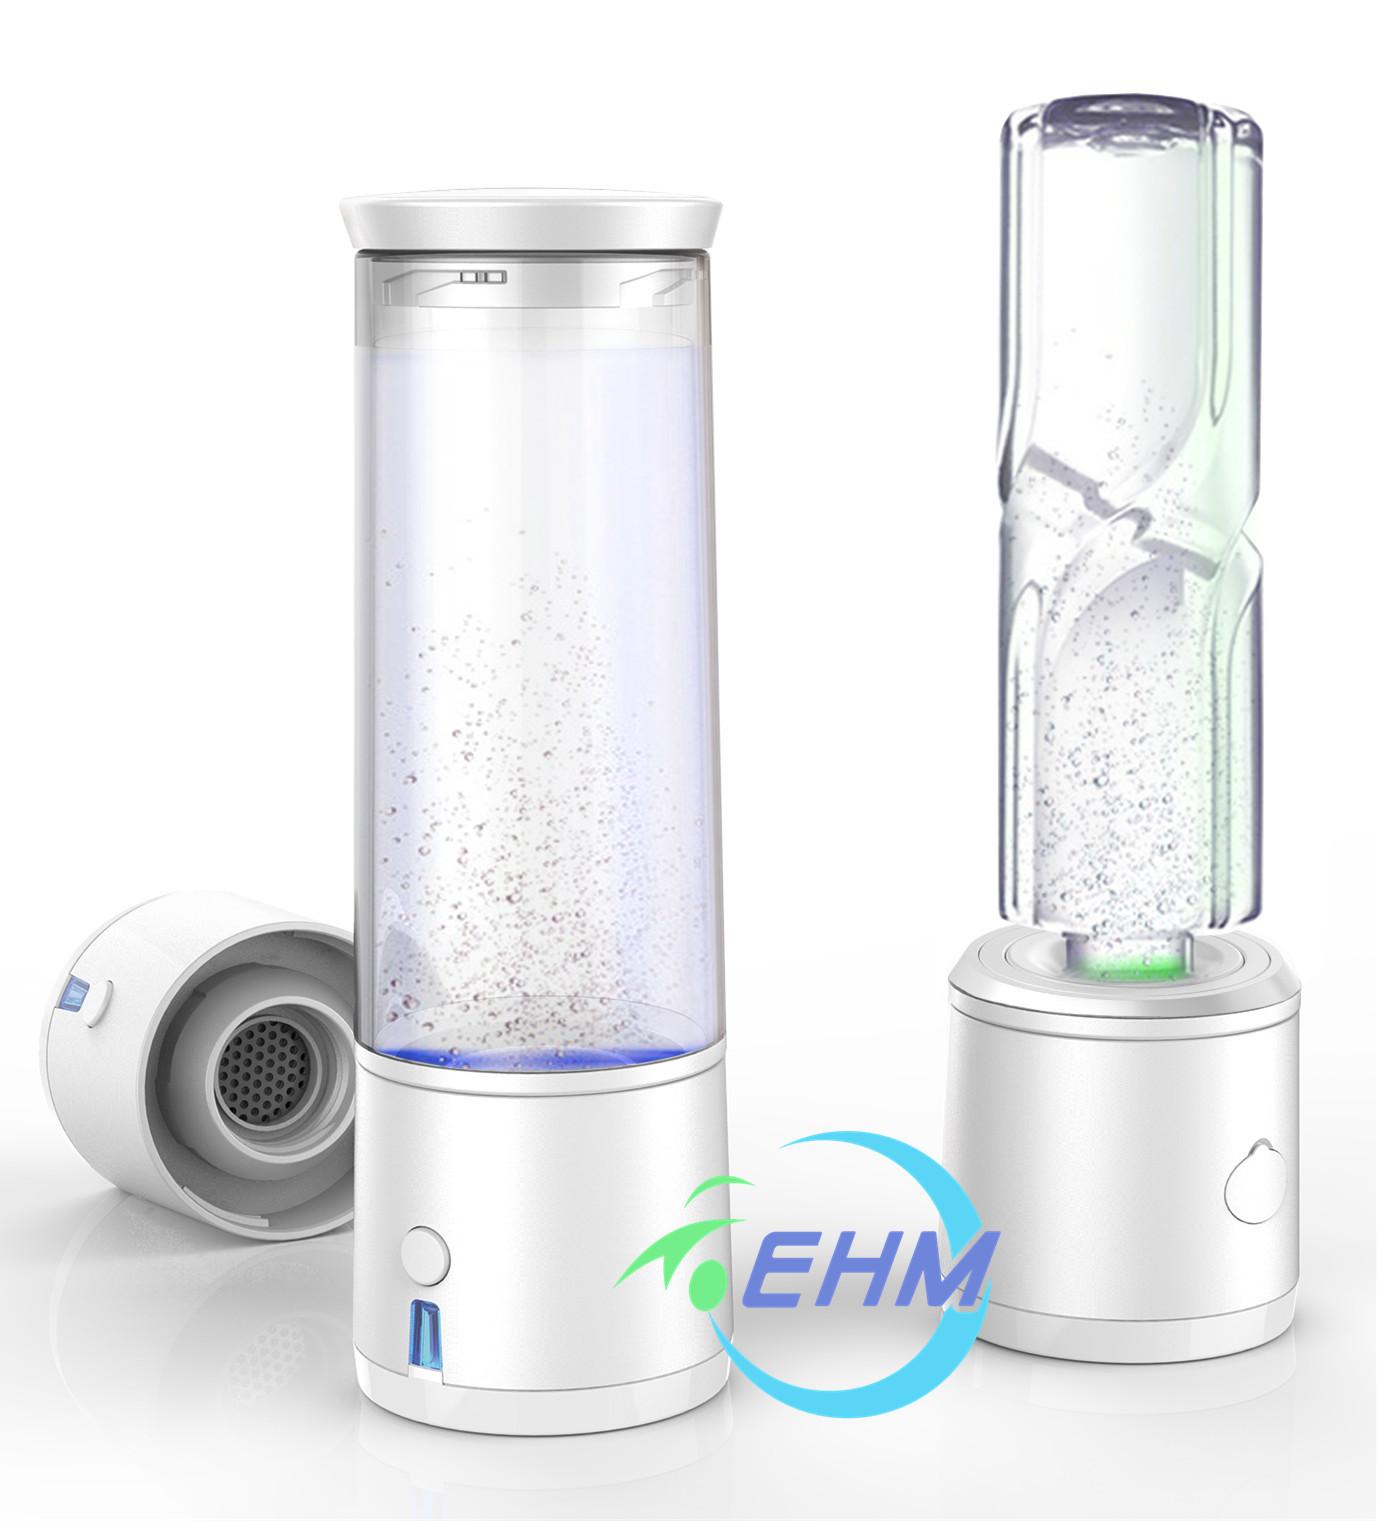 Новинка 2020, водородный генератор воды, лучшая водородная бутылка для воды на улице